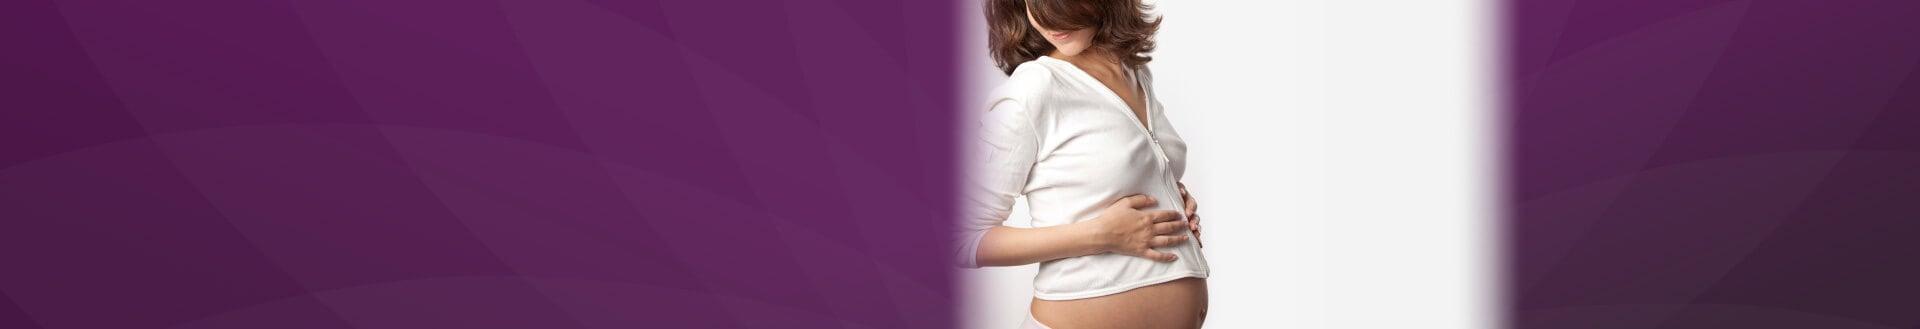 Hormonell bedingter Haarausfall bei Frauen